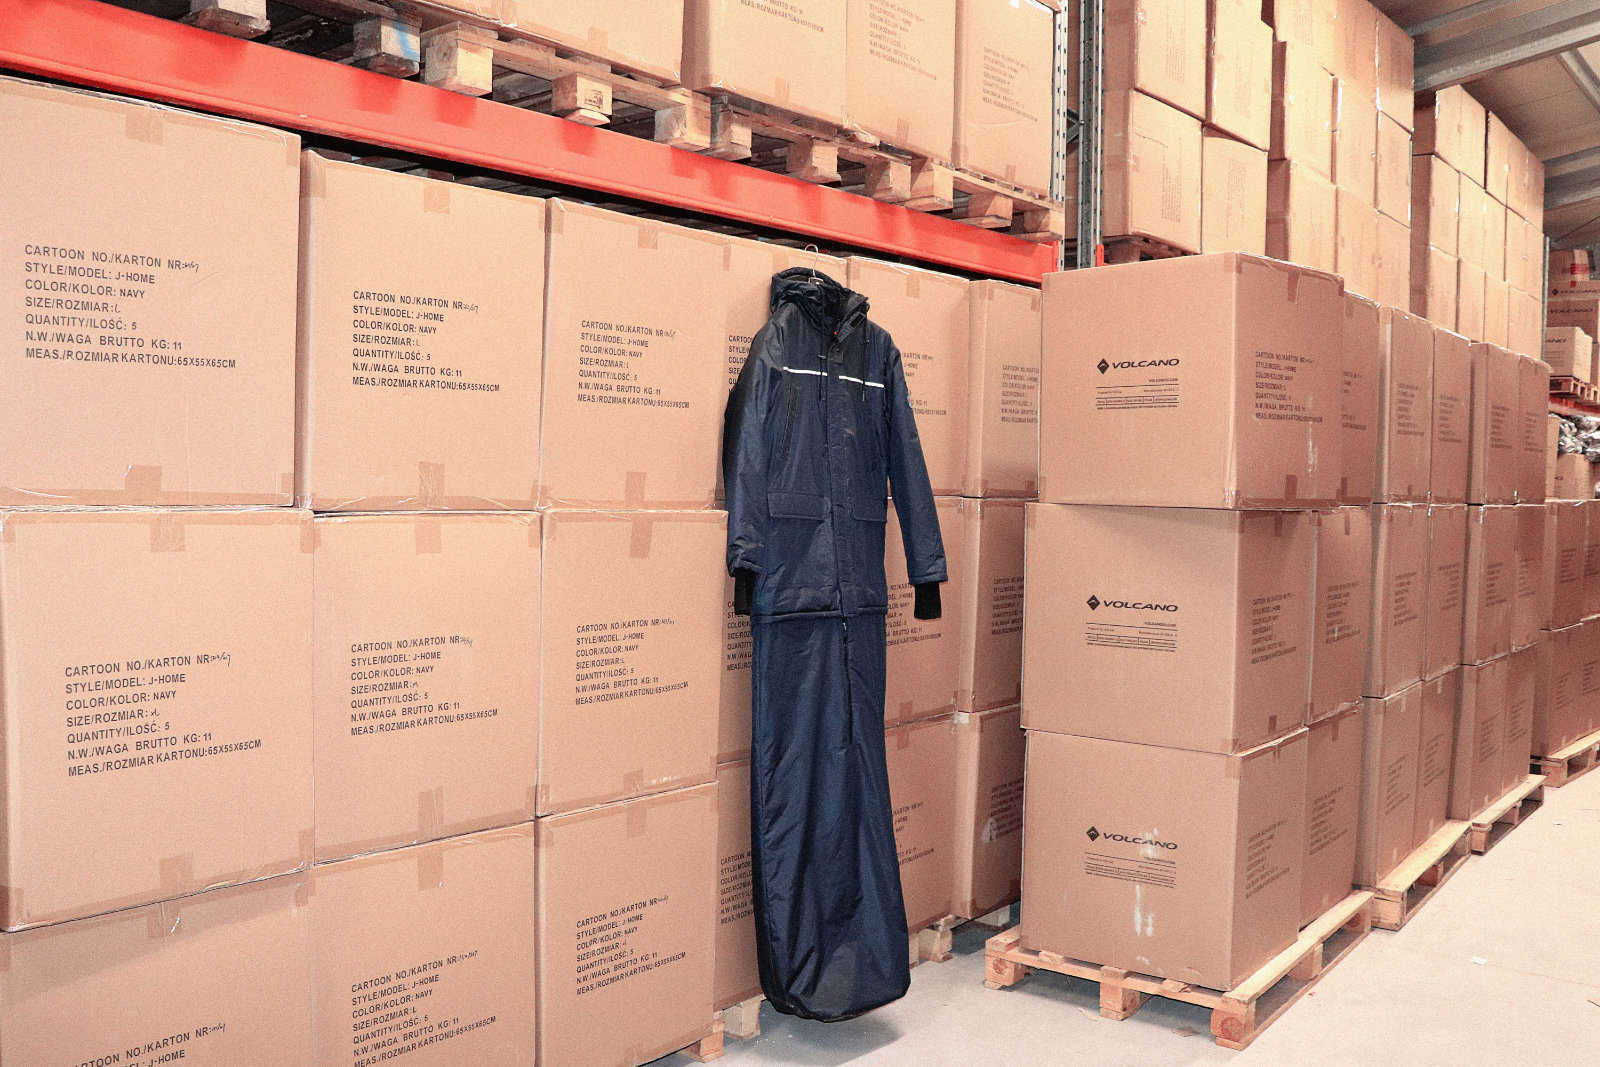 Już są – 900 kurtko – śpiworów dla ubogich bezdomnych dotarło z Chin do magazynu VOLCANO! Przybyły wnajwiększym 40 stopowym kontenerze, blisko 220 kartonów, prawie 3 tony wagi!